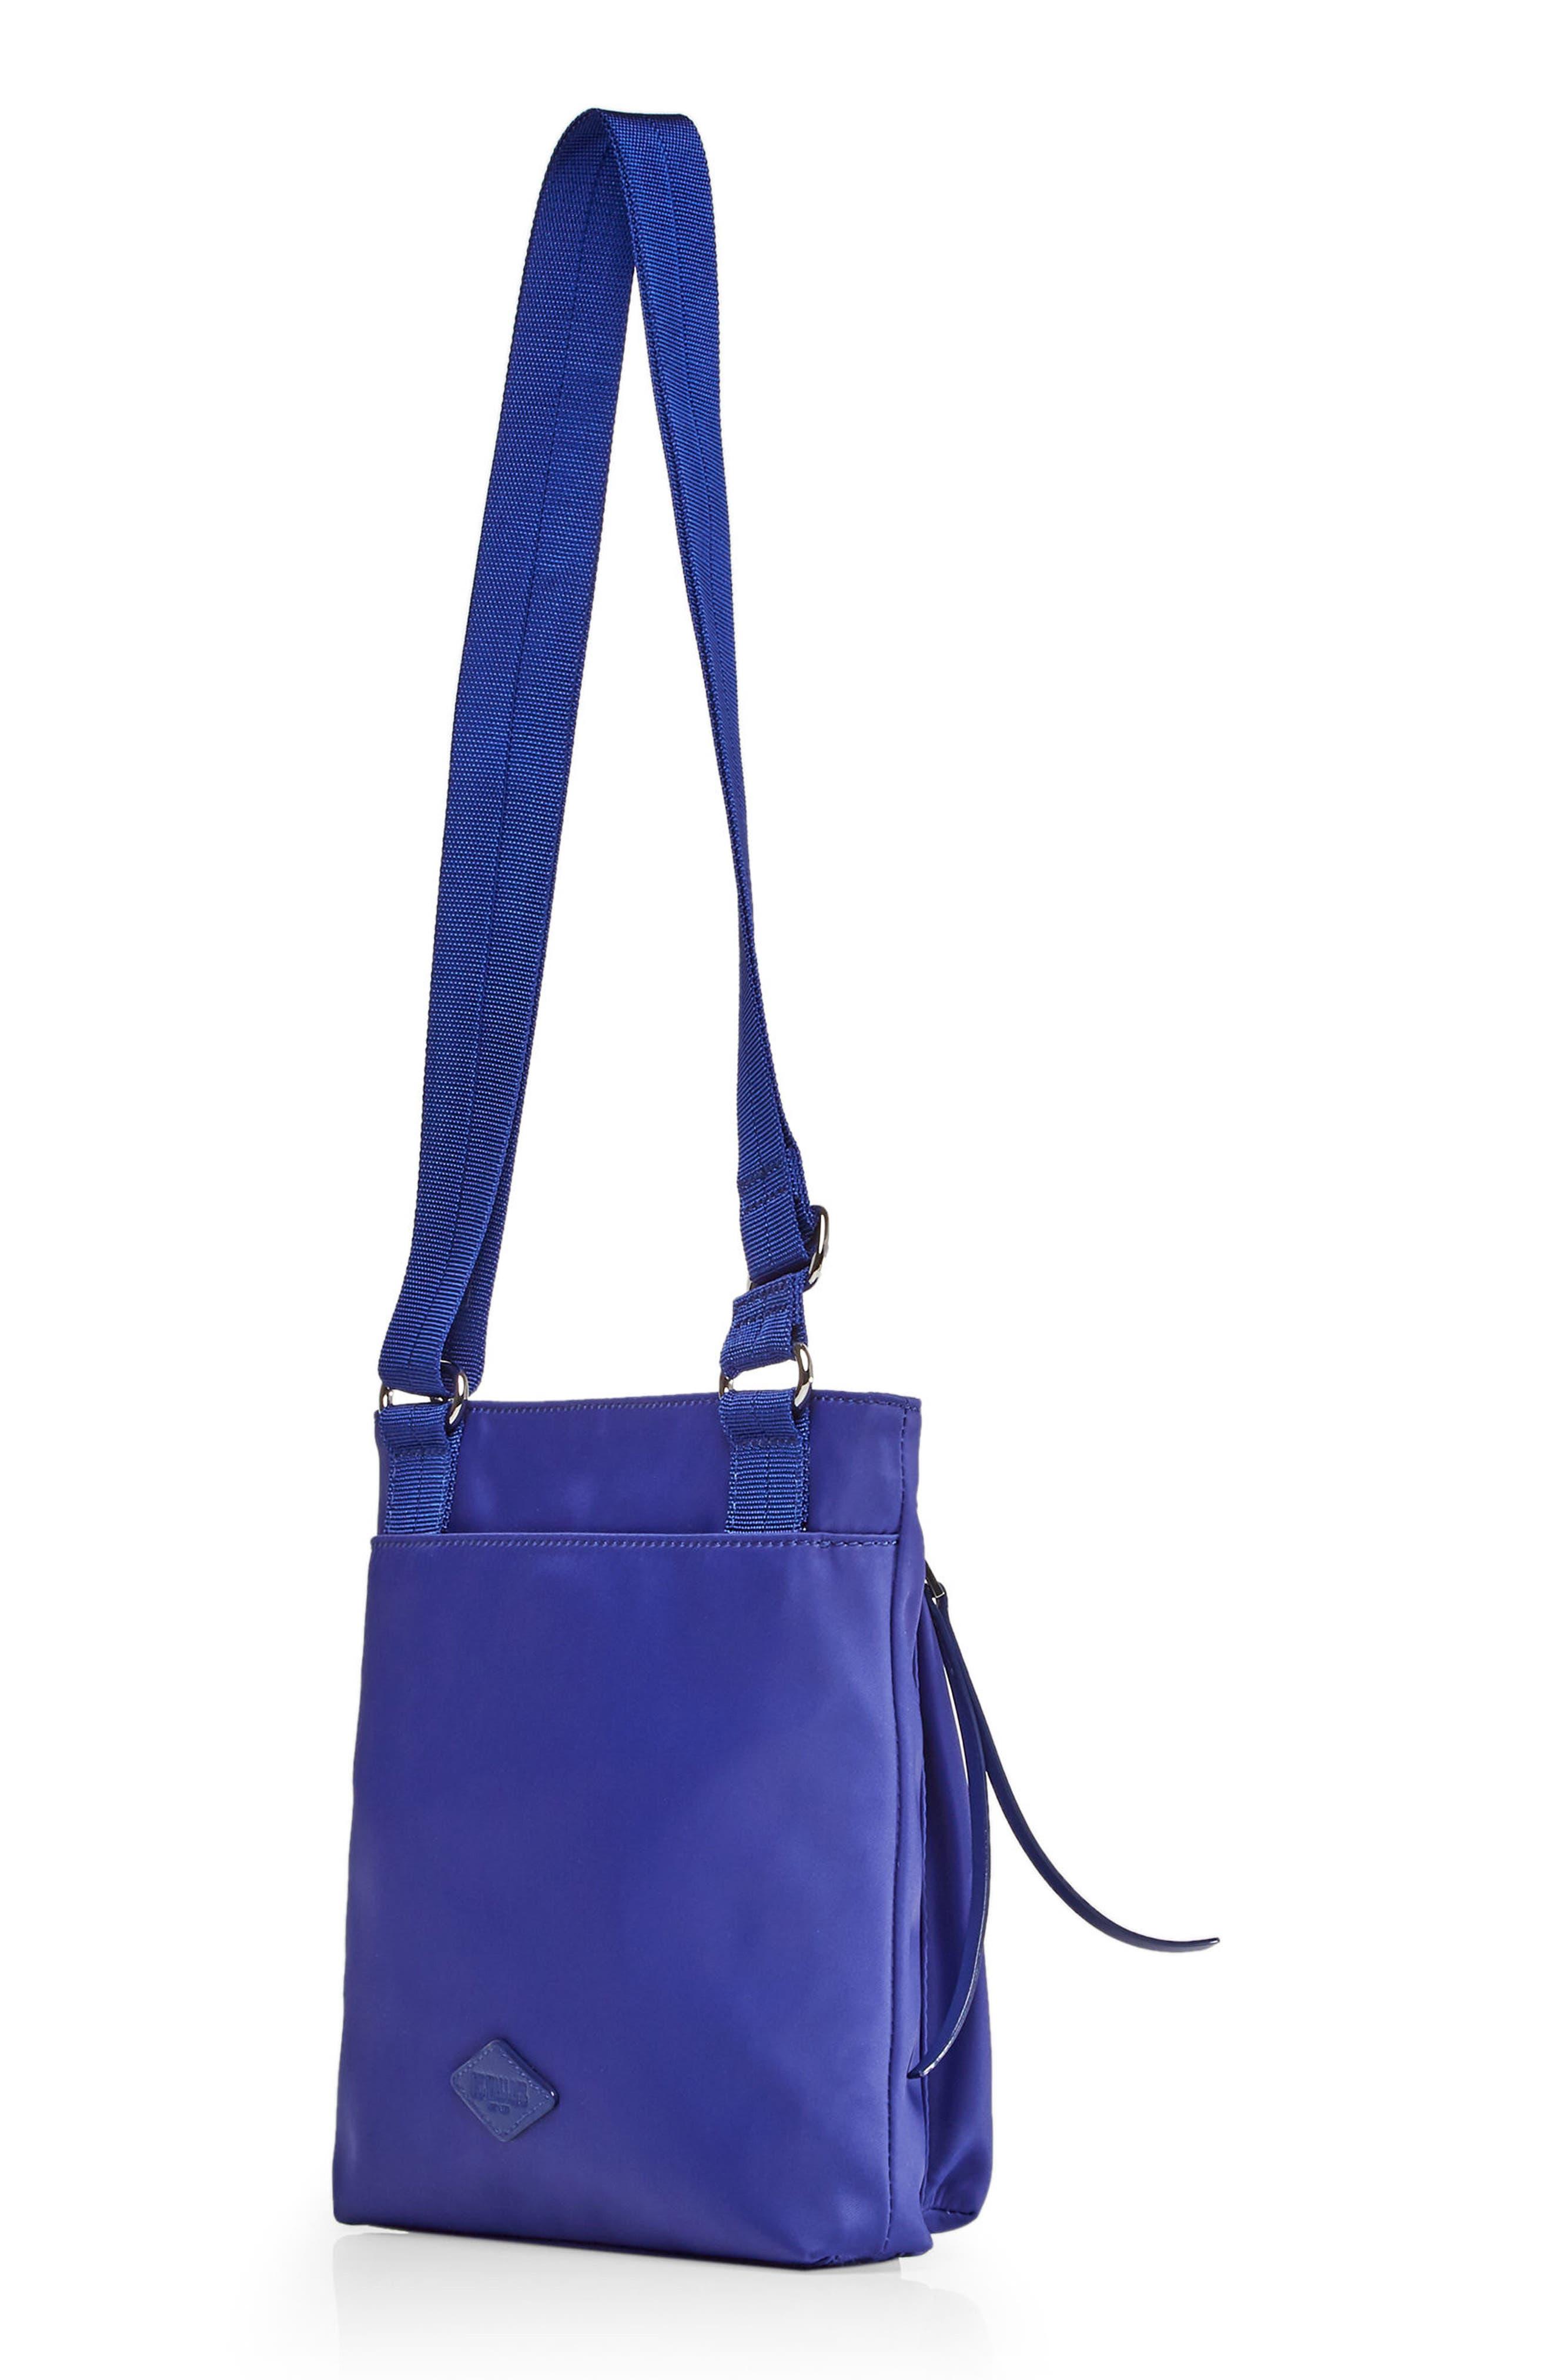 Jordan Bedford Nylon Crossbody Bag,                             Alternate thumbnail 2, color,                             Spectrum Blue